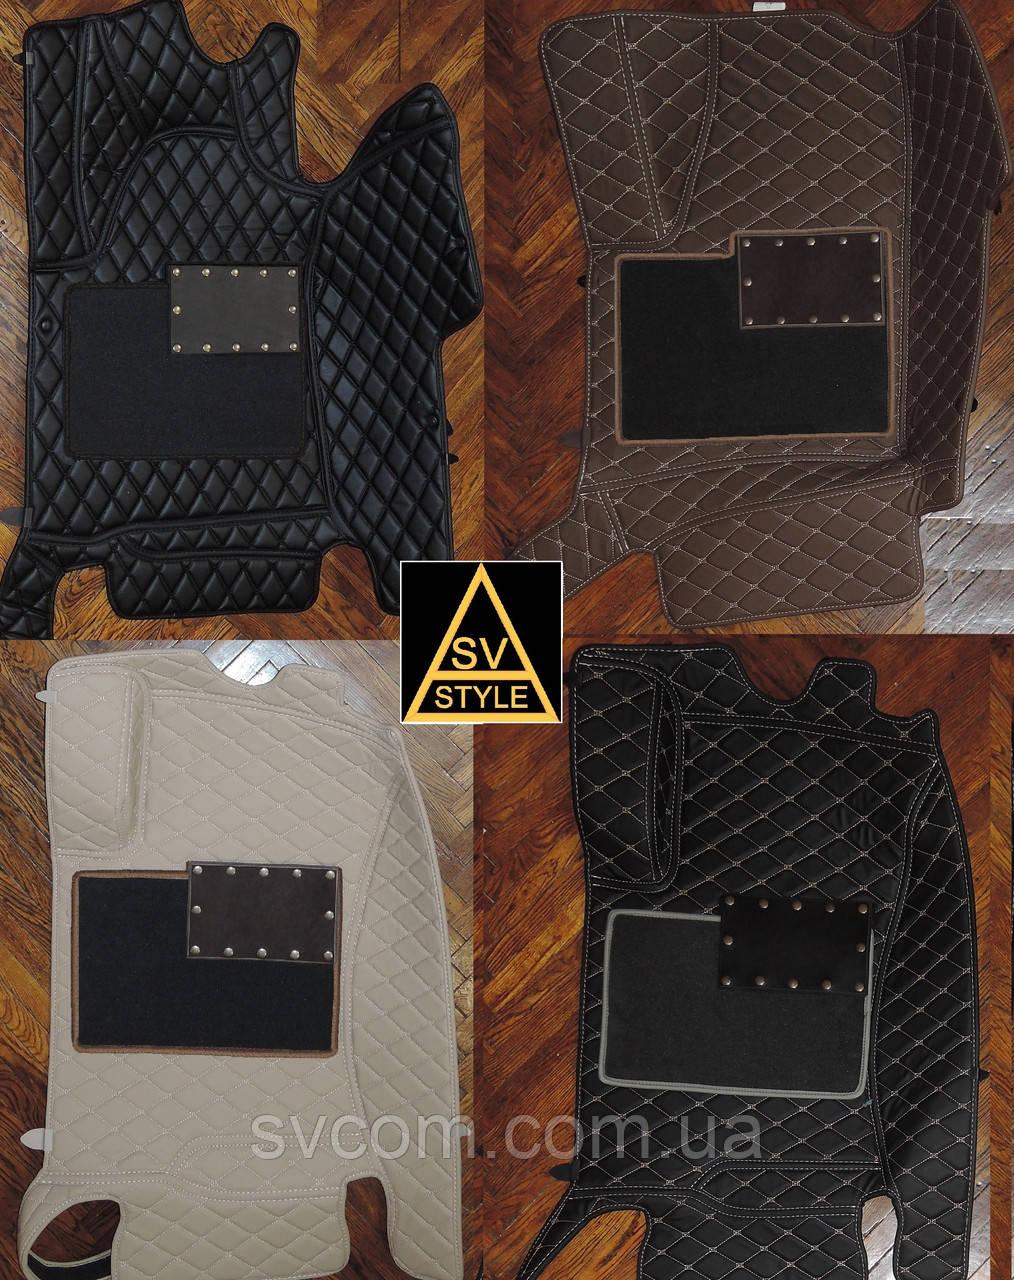 Килимки на Mercedes GLC X253 Шкіряні 3D (2015+) з текстильними накидками